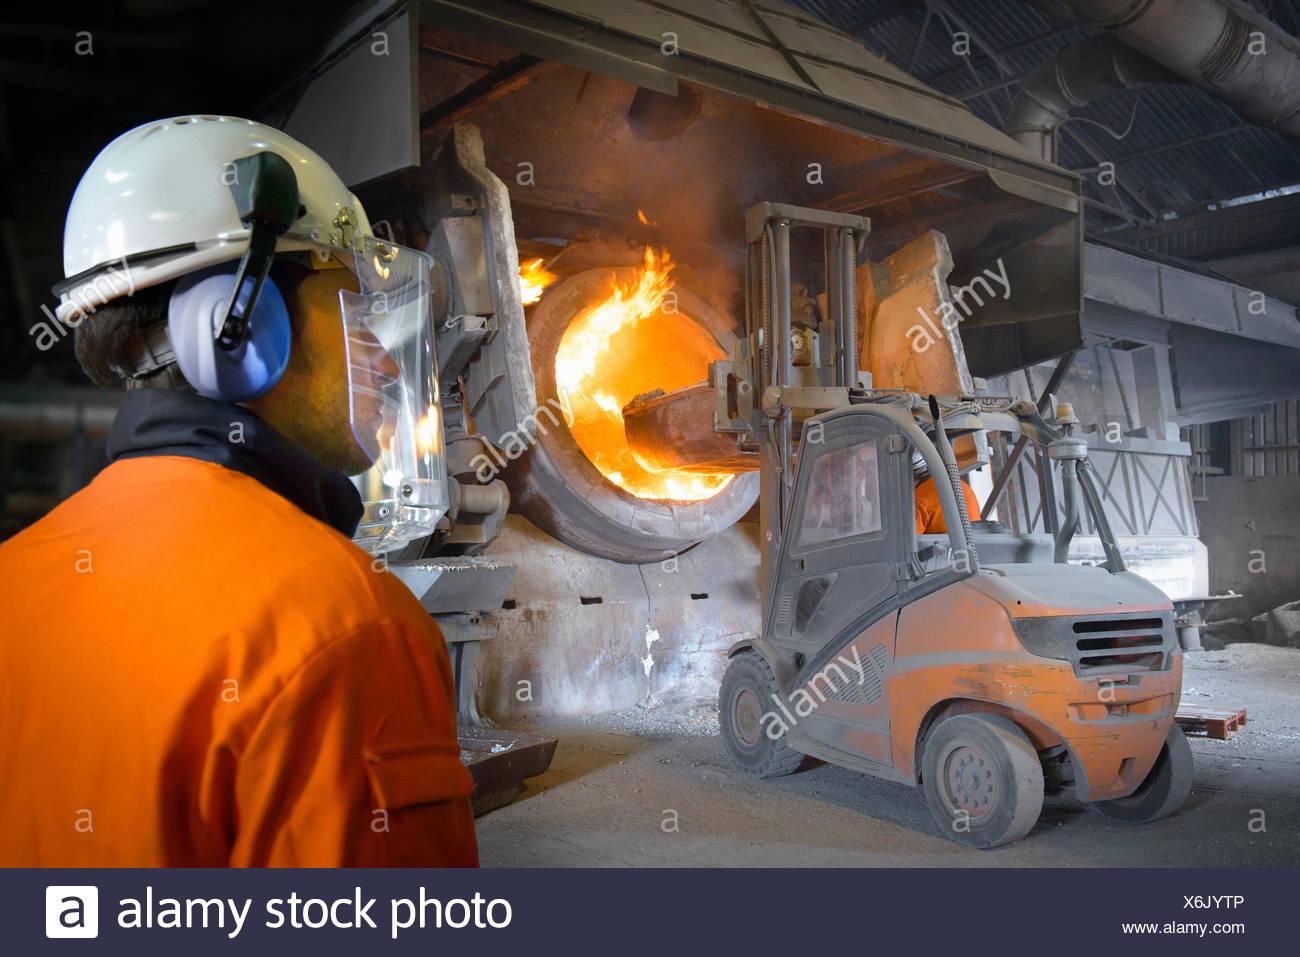 Lavoratore in abbigliamento protettivo guarda carrello a forno in fonderia alluminio immagine scaricata dal al 6:42 il 13/0 Immagini Stock